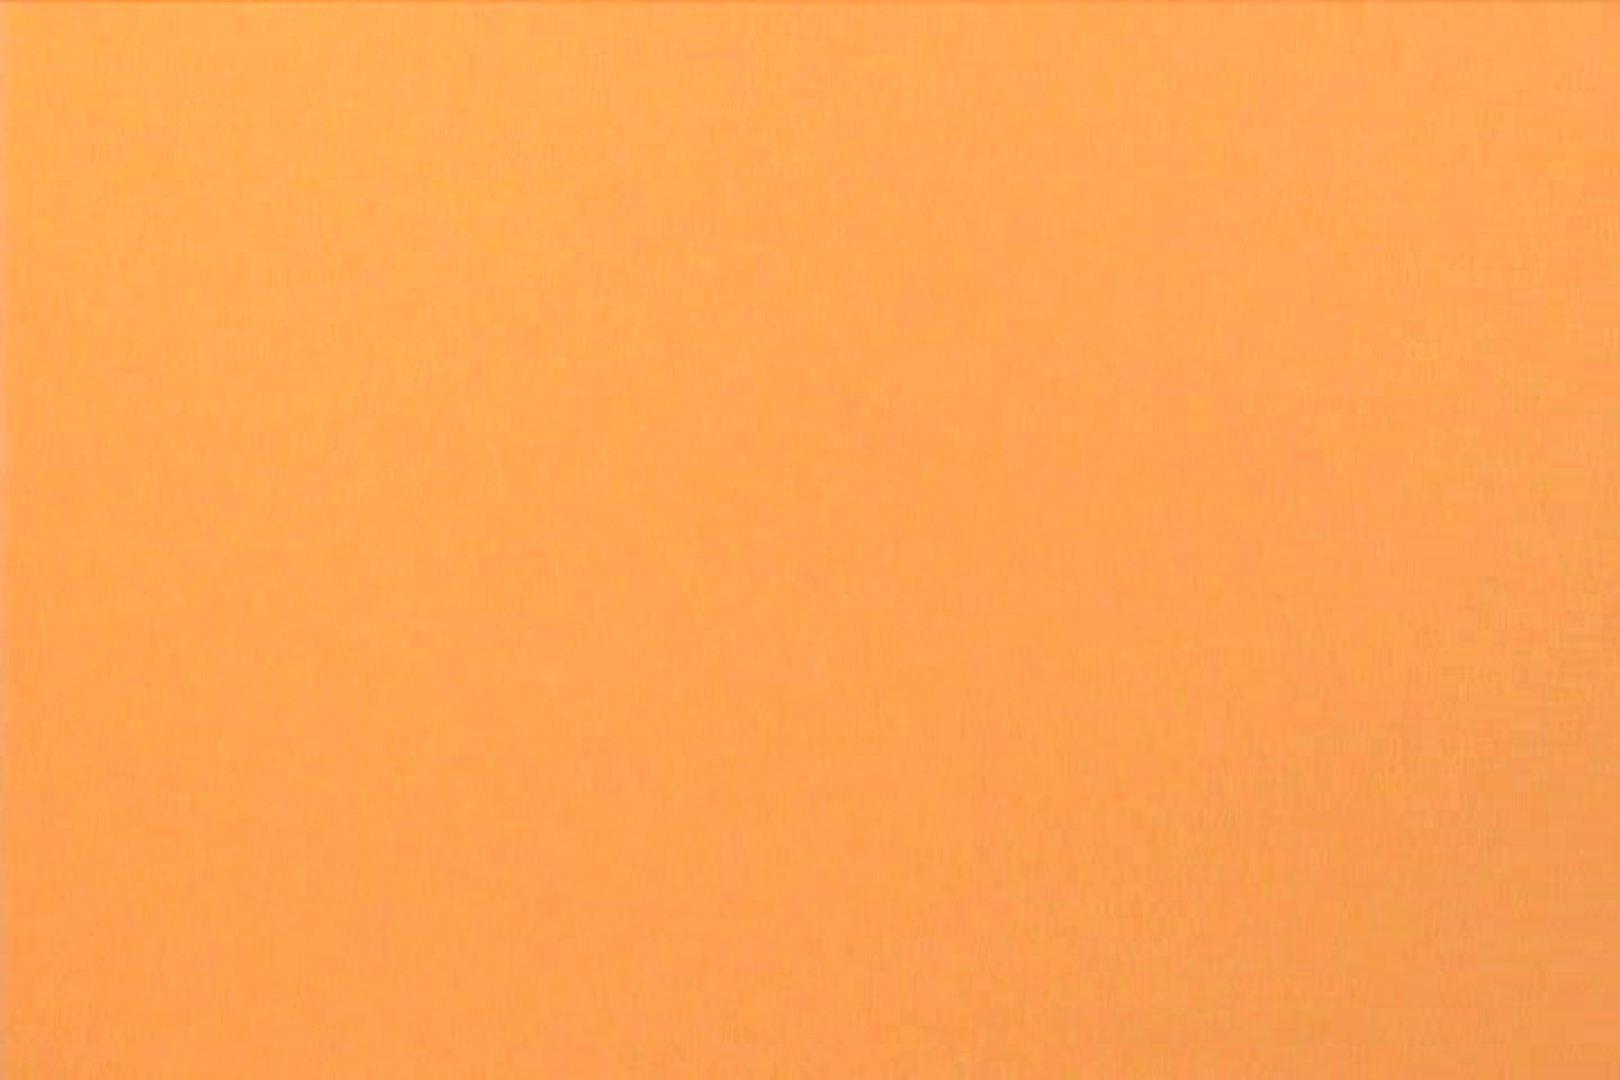 マンコ丸見え女子洗面所Vol.28 美しいOLの裸体   マンコ・ムレムレ  78pic 55